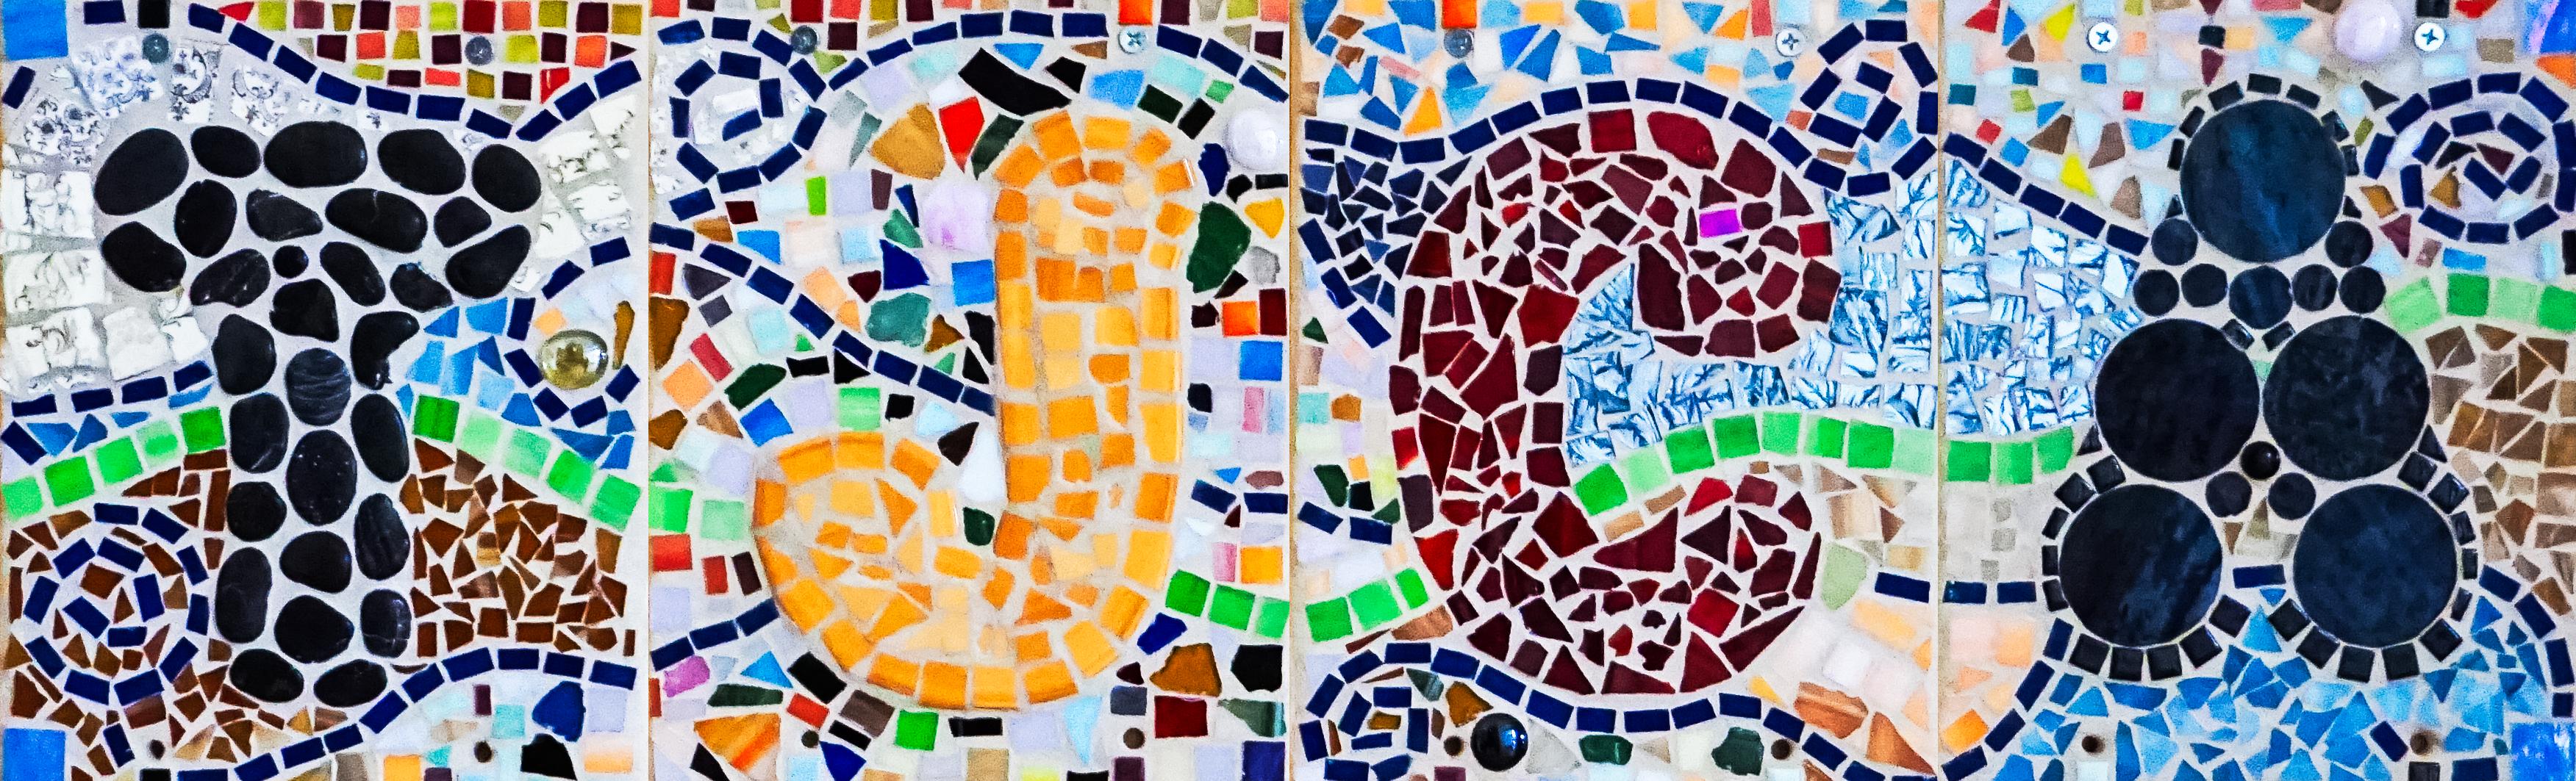 TJCA Mosaic